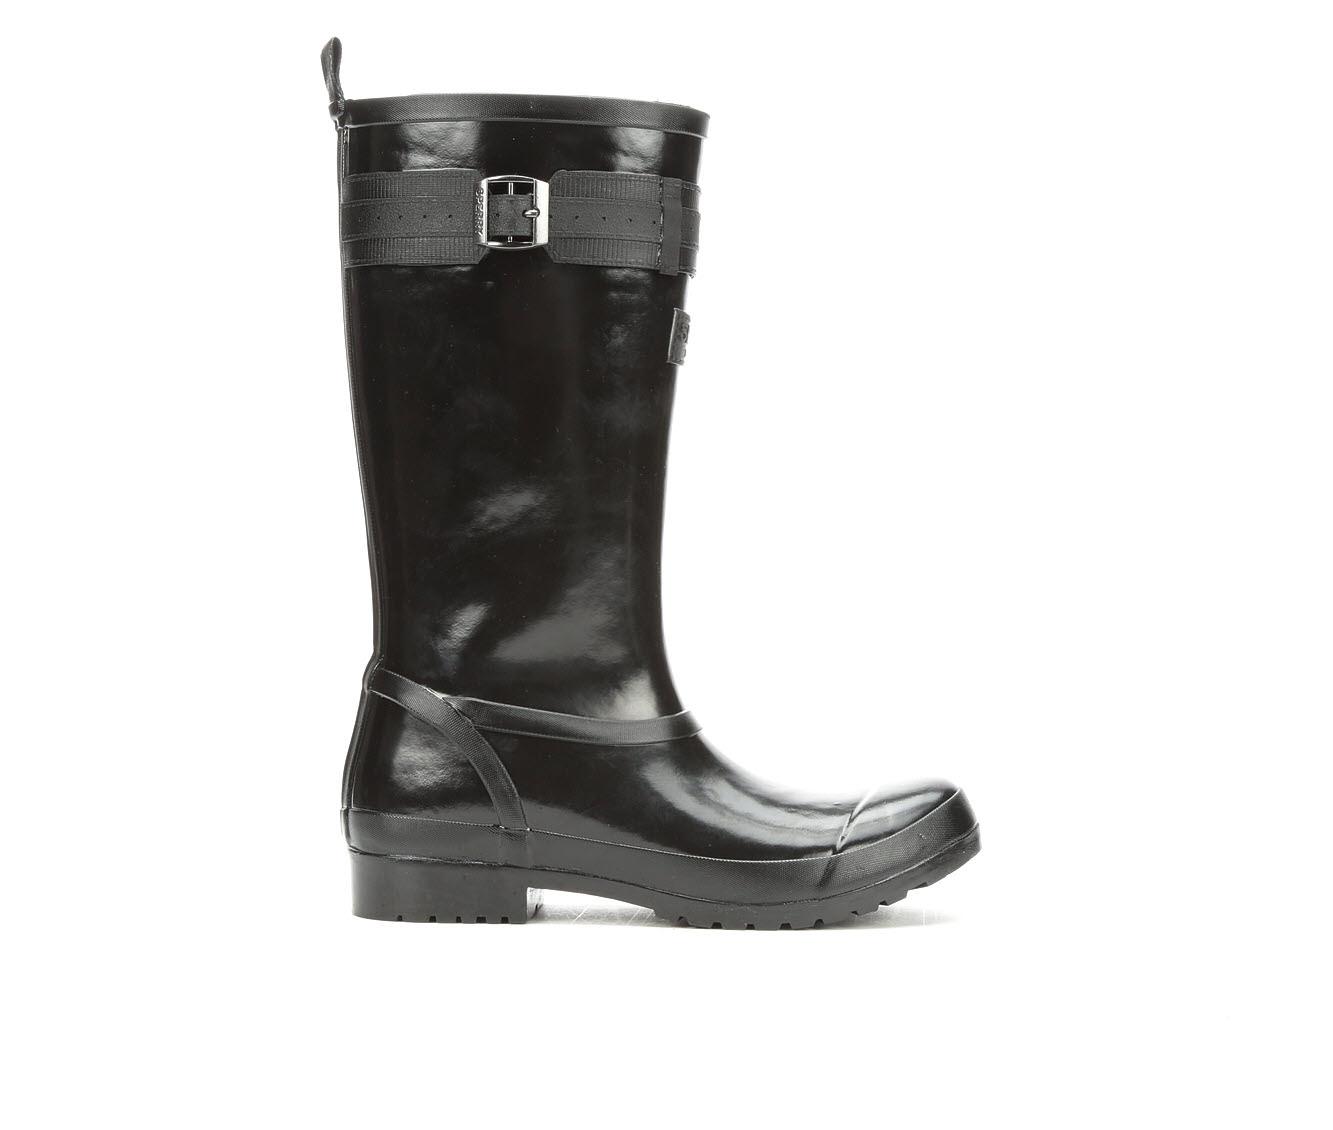 Sperry Walker Atlantic Women's Shoe (Black - Faux Leather)